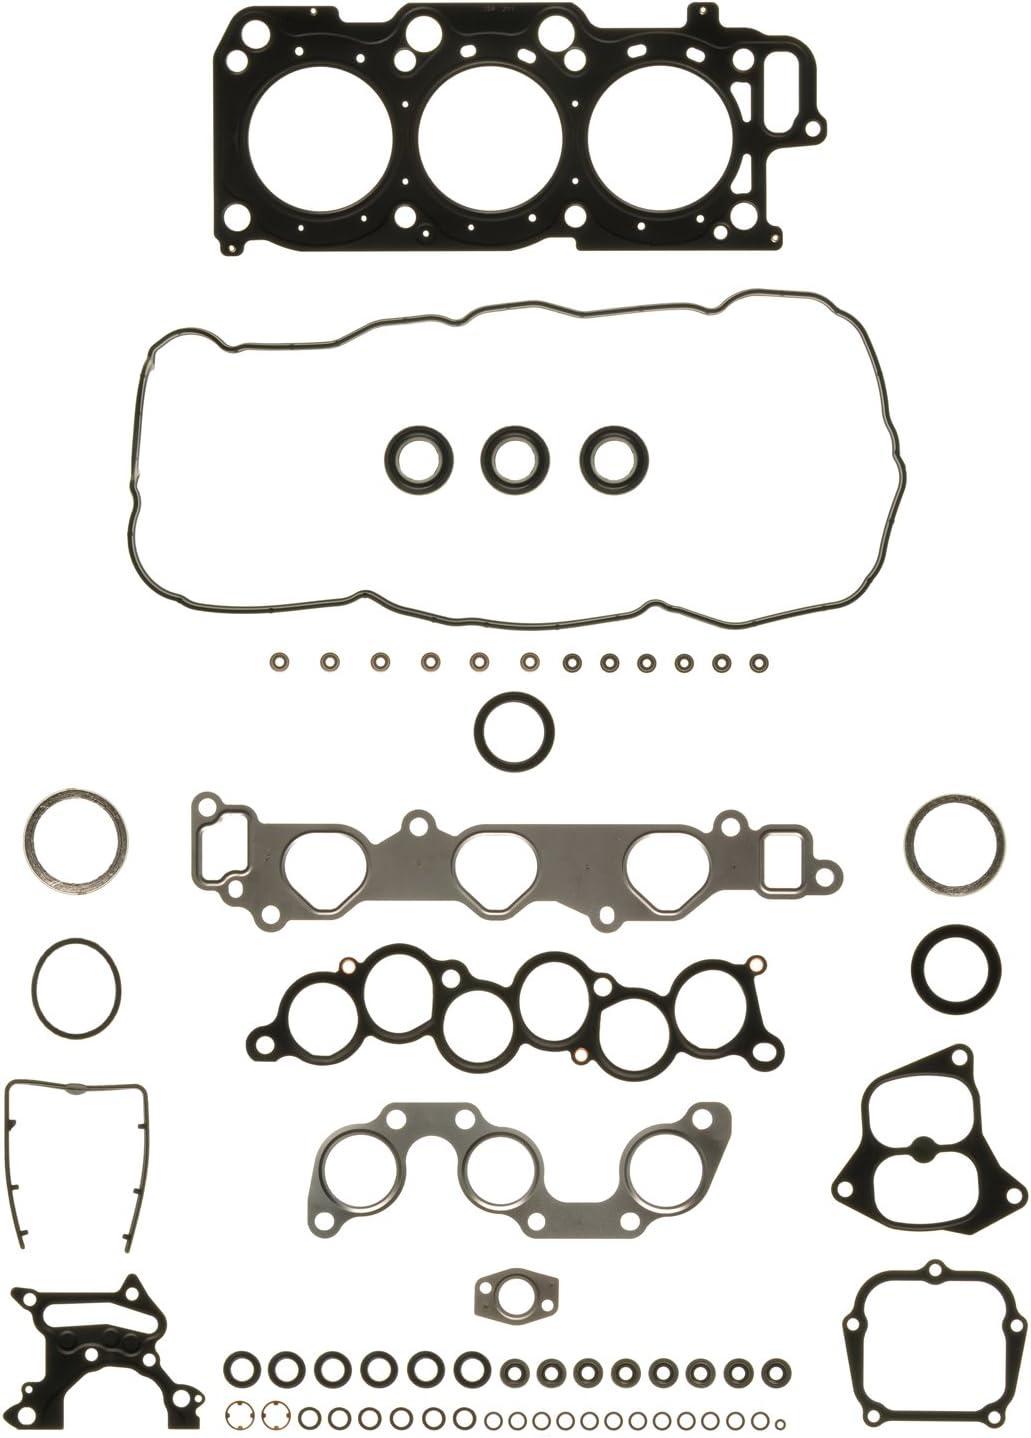 Ajusa 52315100 Gasket Set cylinder head